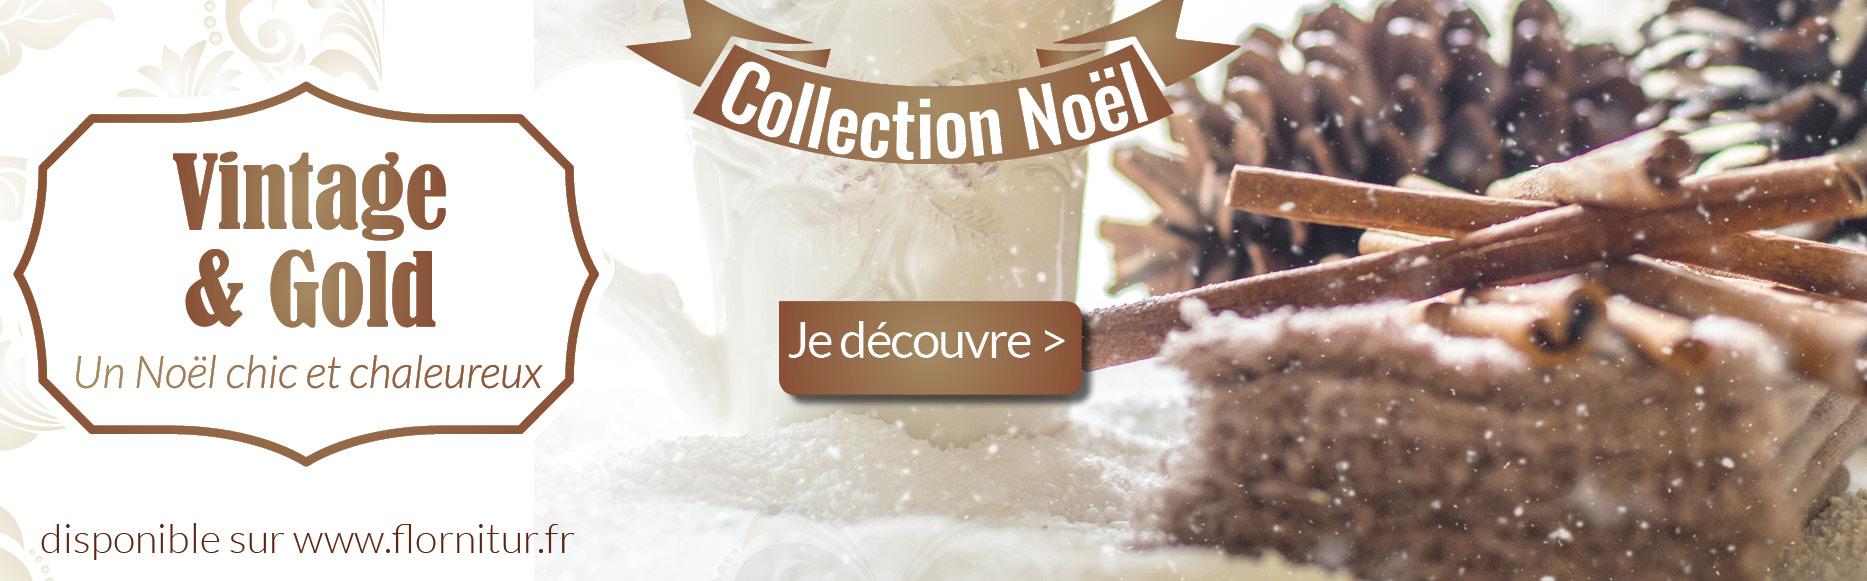 Noël Flornitur Collection Vintage